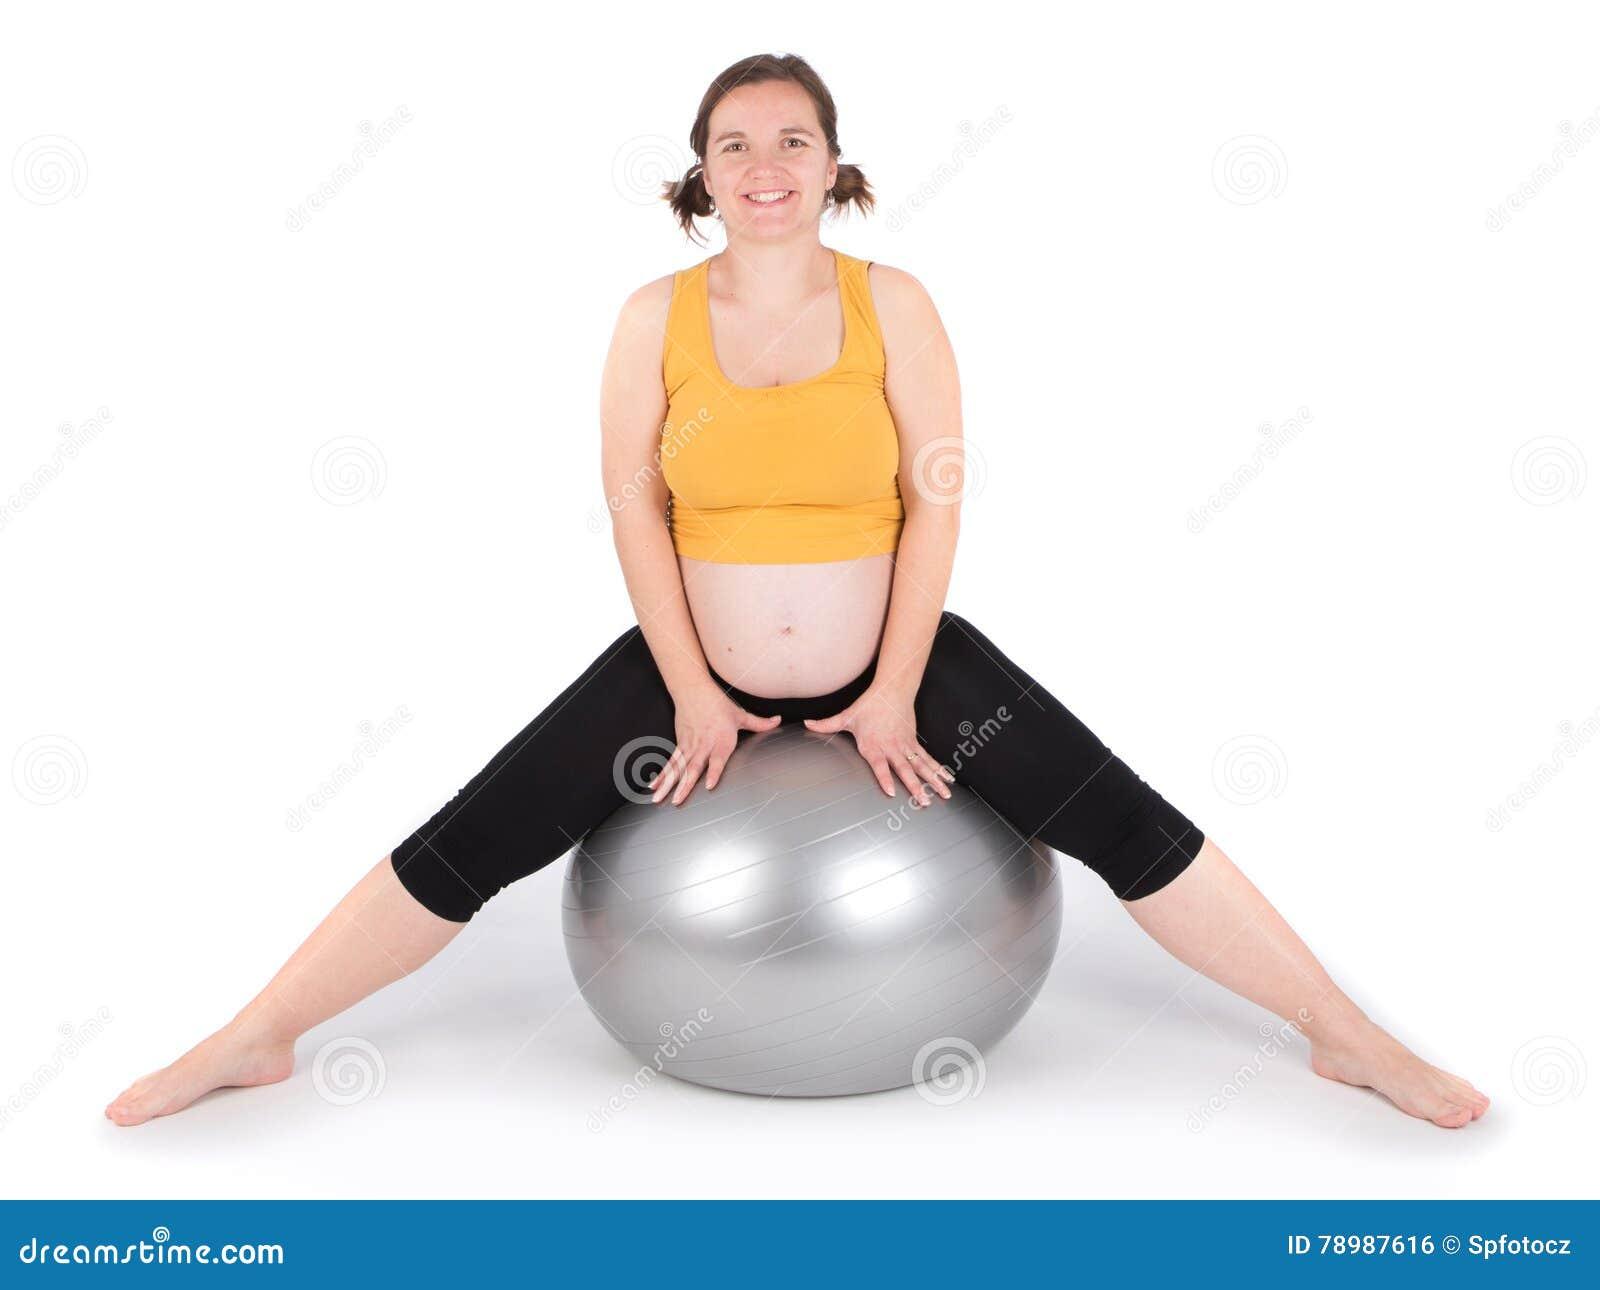 Trainieren der schwangeren Frau